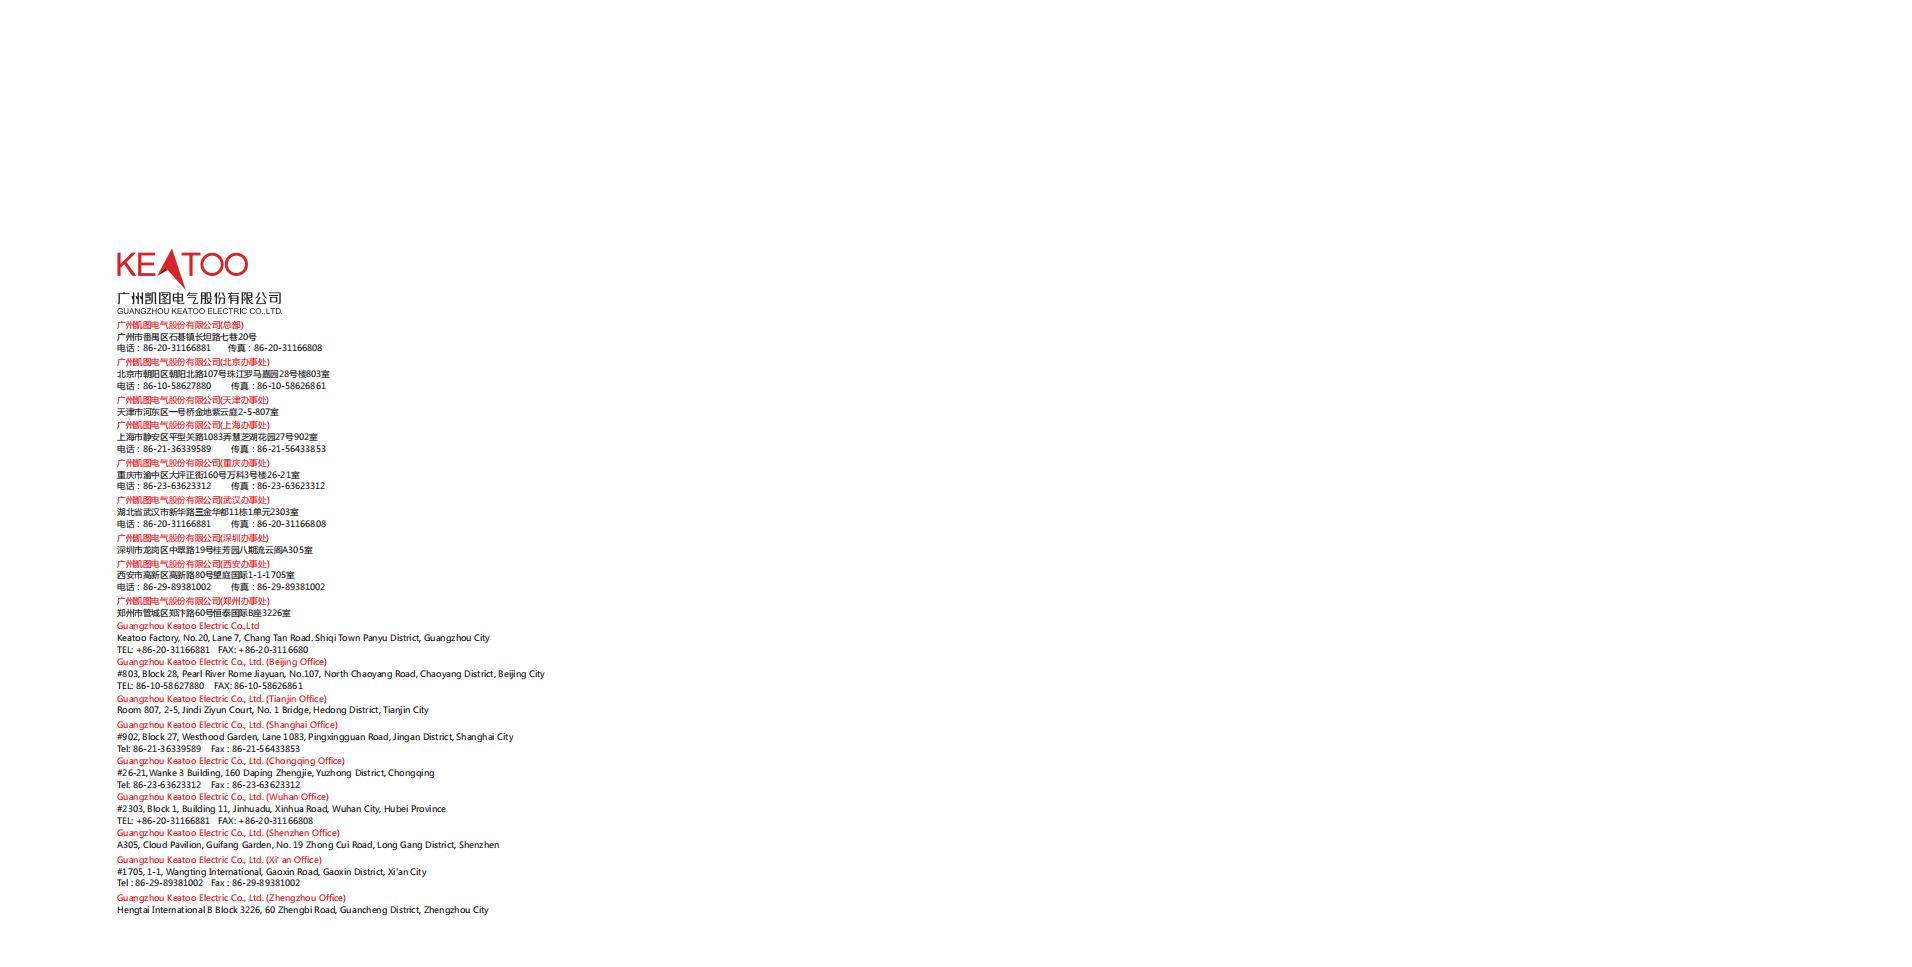 2019凯图产品册目录-定稿版2019.5.31_98